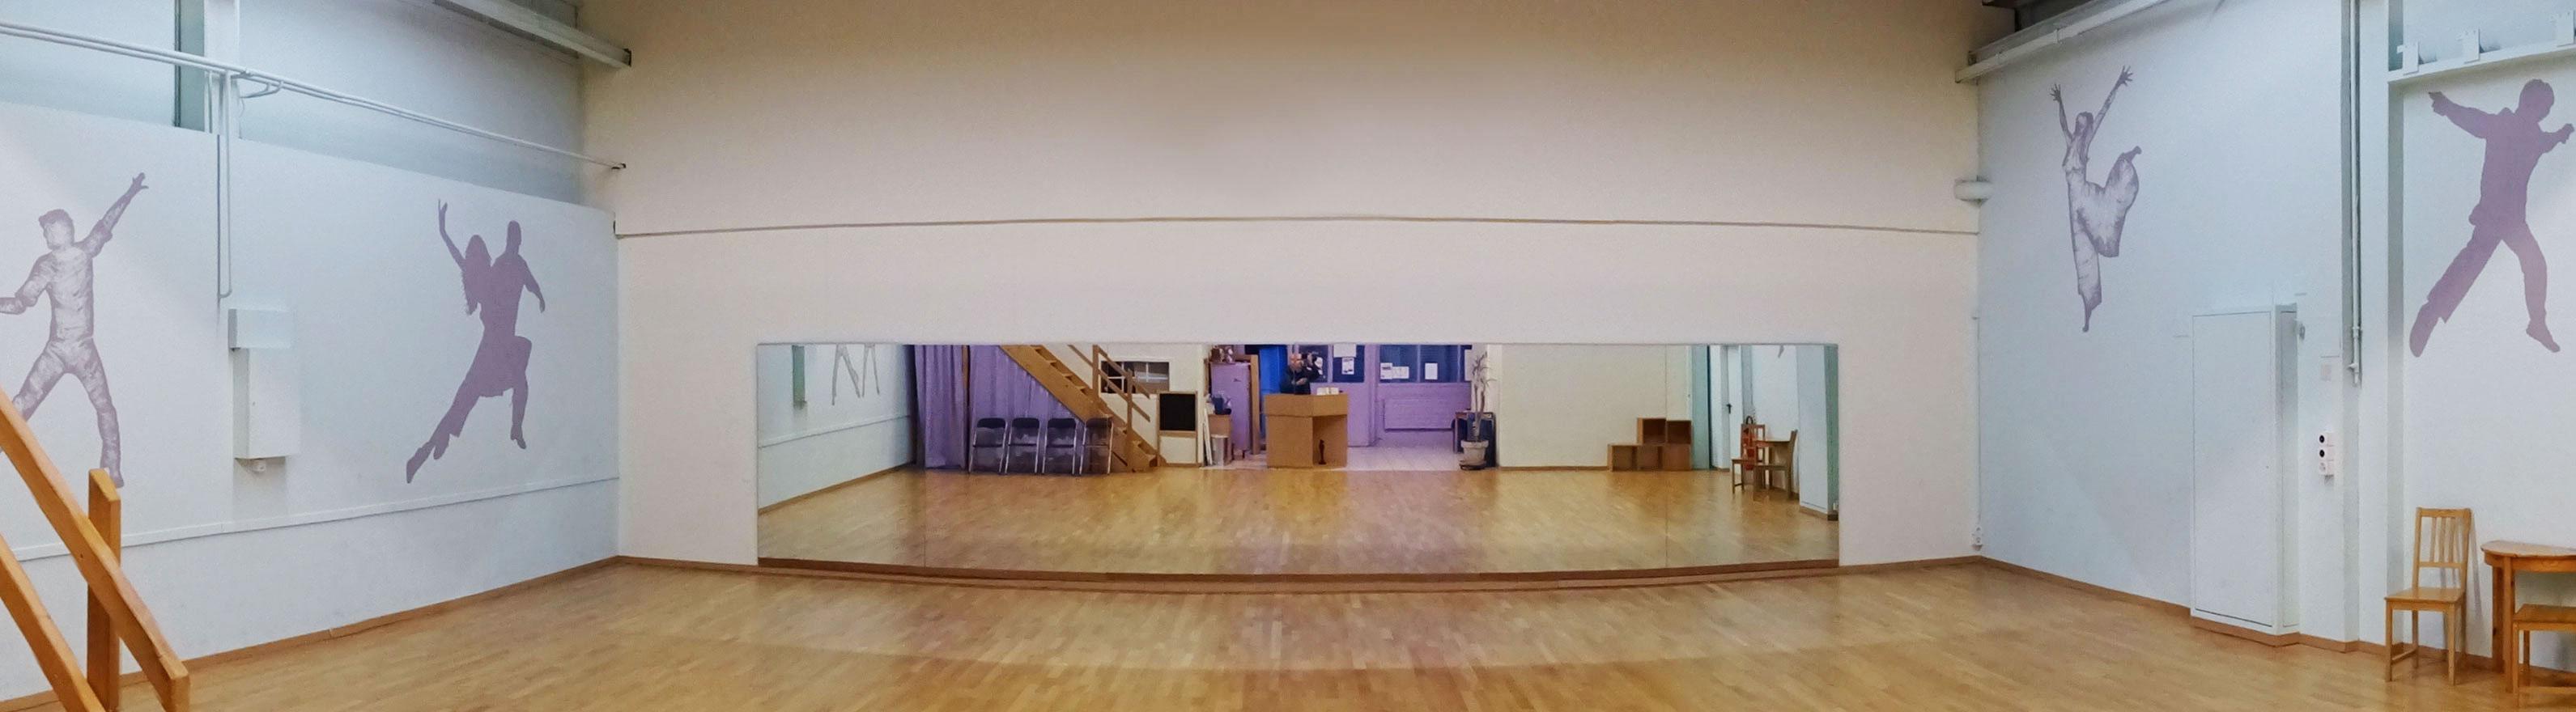 image de la salle de danse